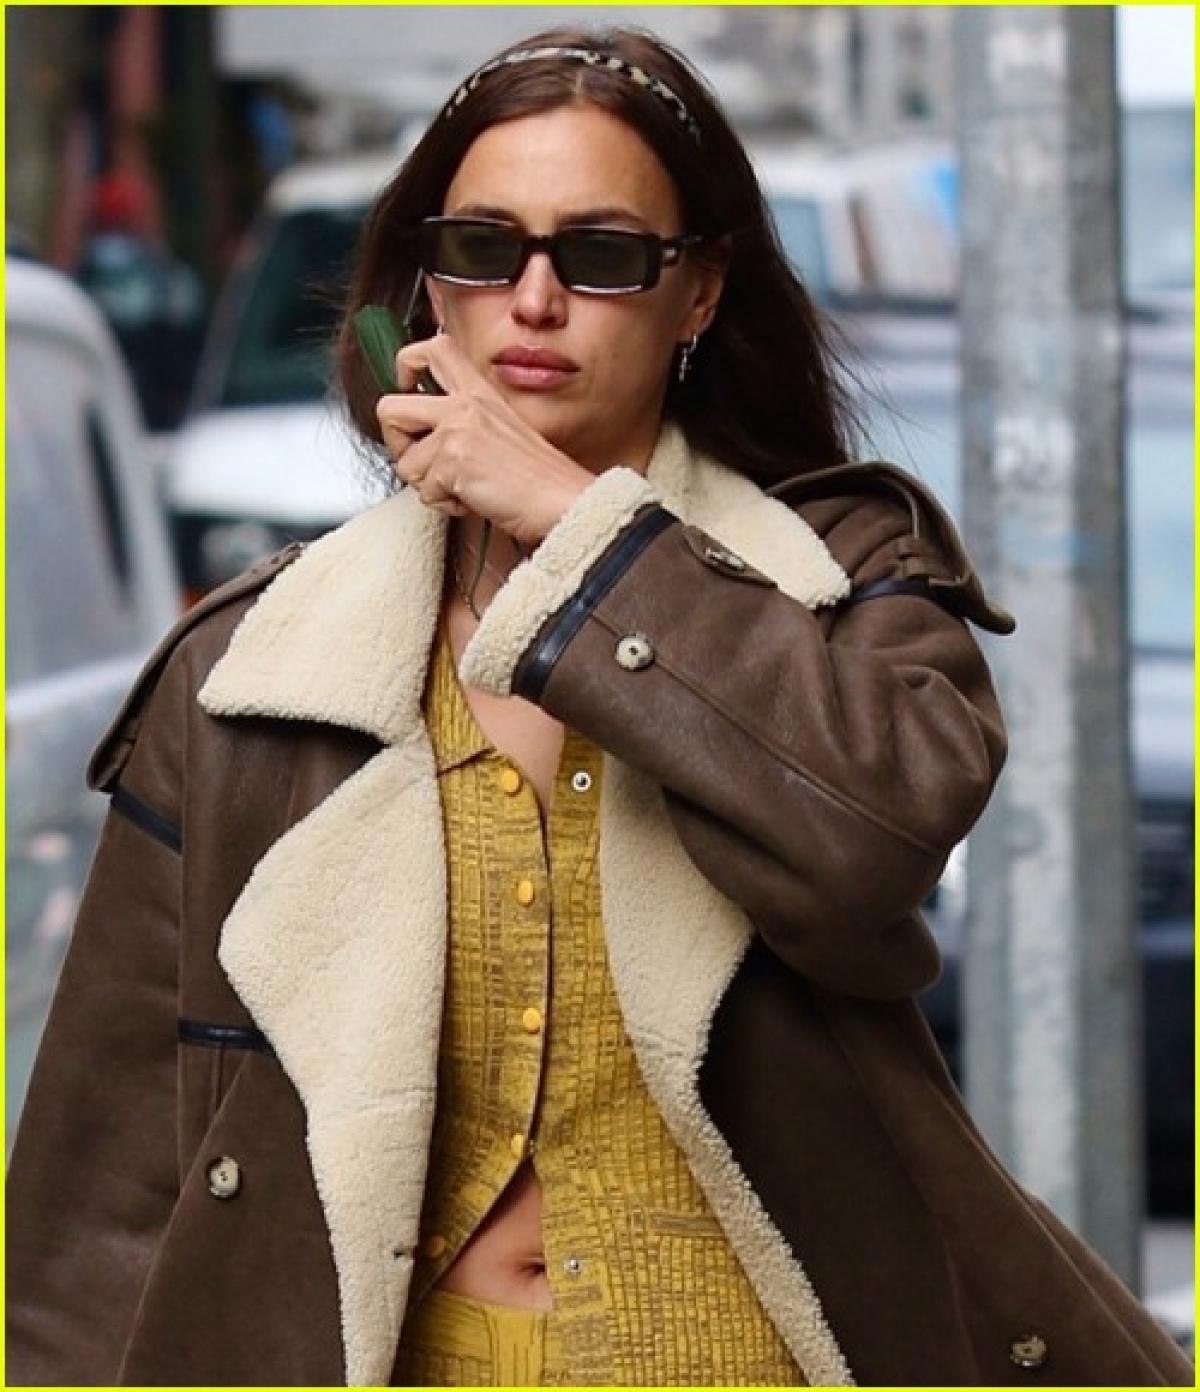 Siêu mẫu Nga diện trang phục màu vàng nổi bật phối cùng áo khoác dáng dài sang chảnh.